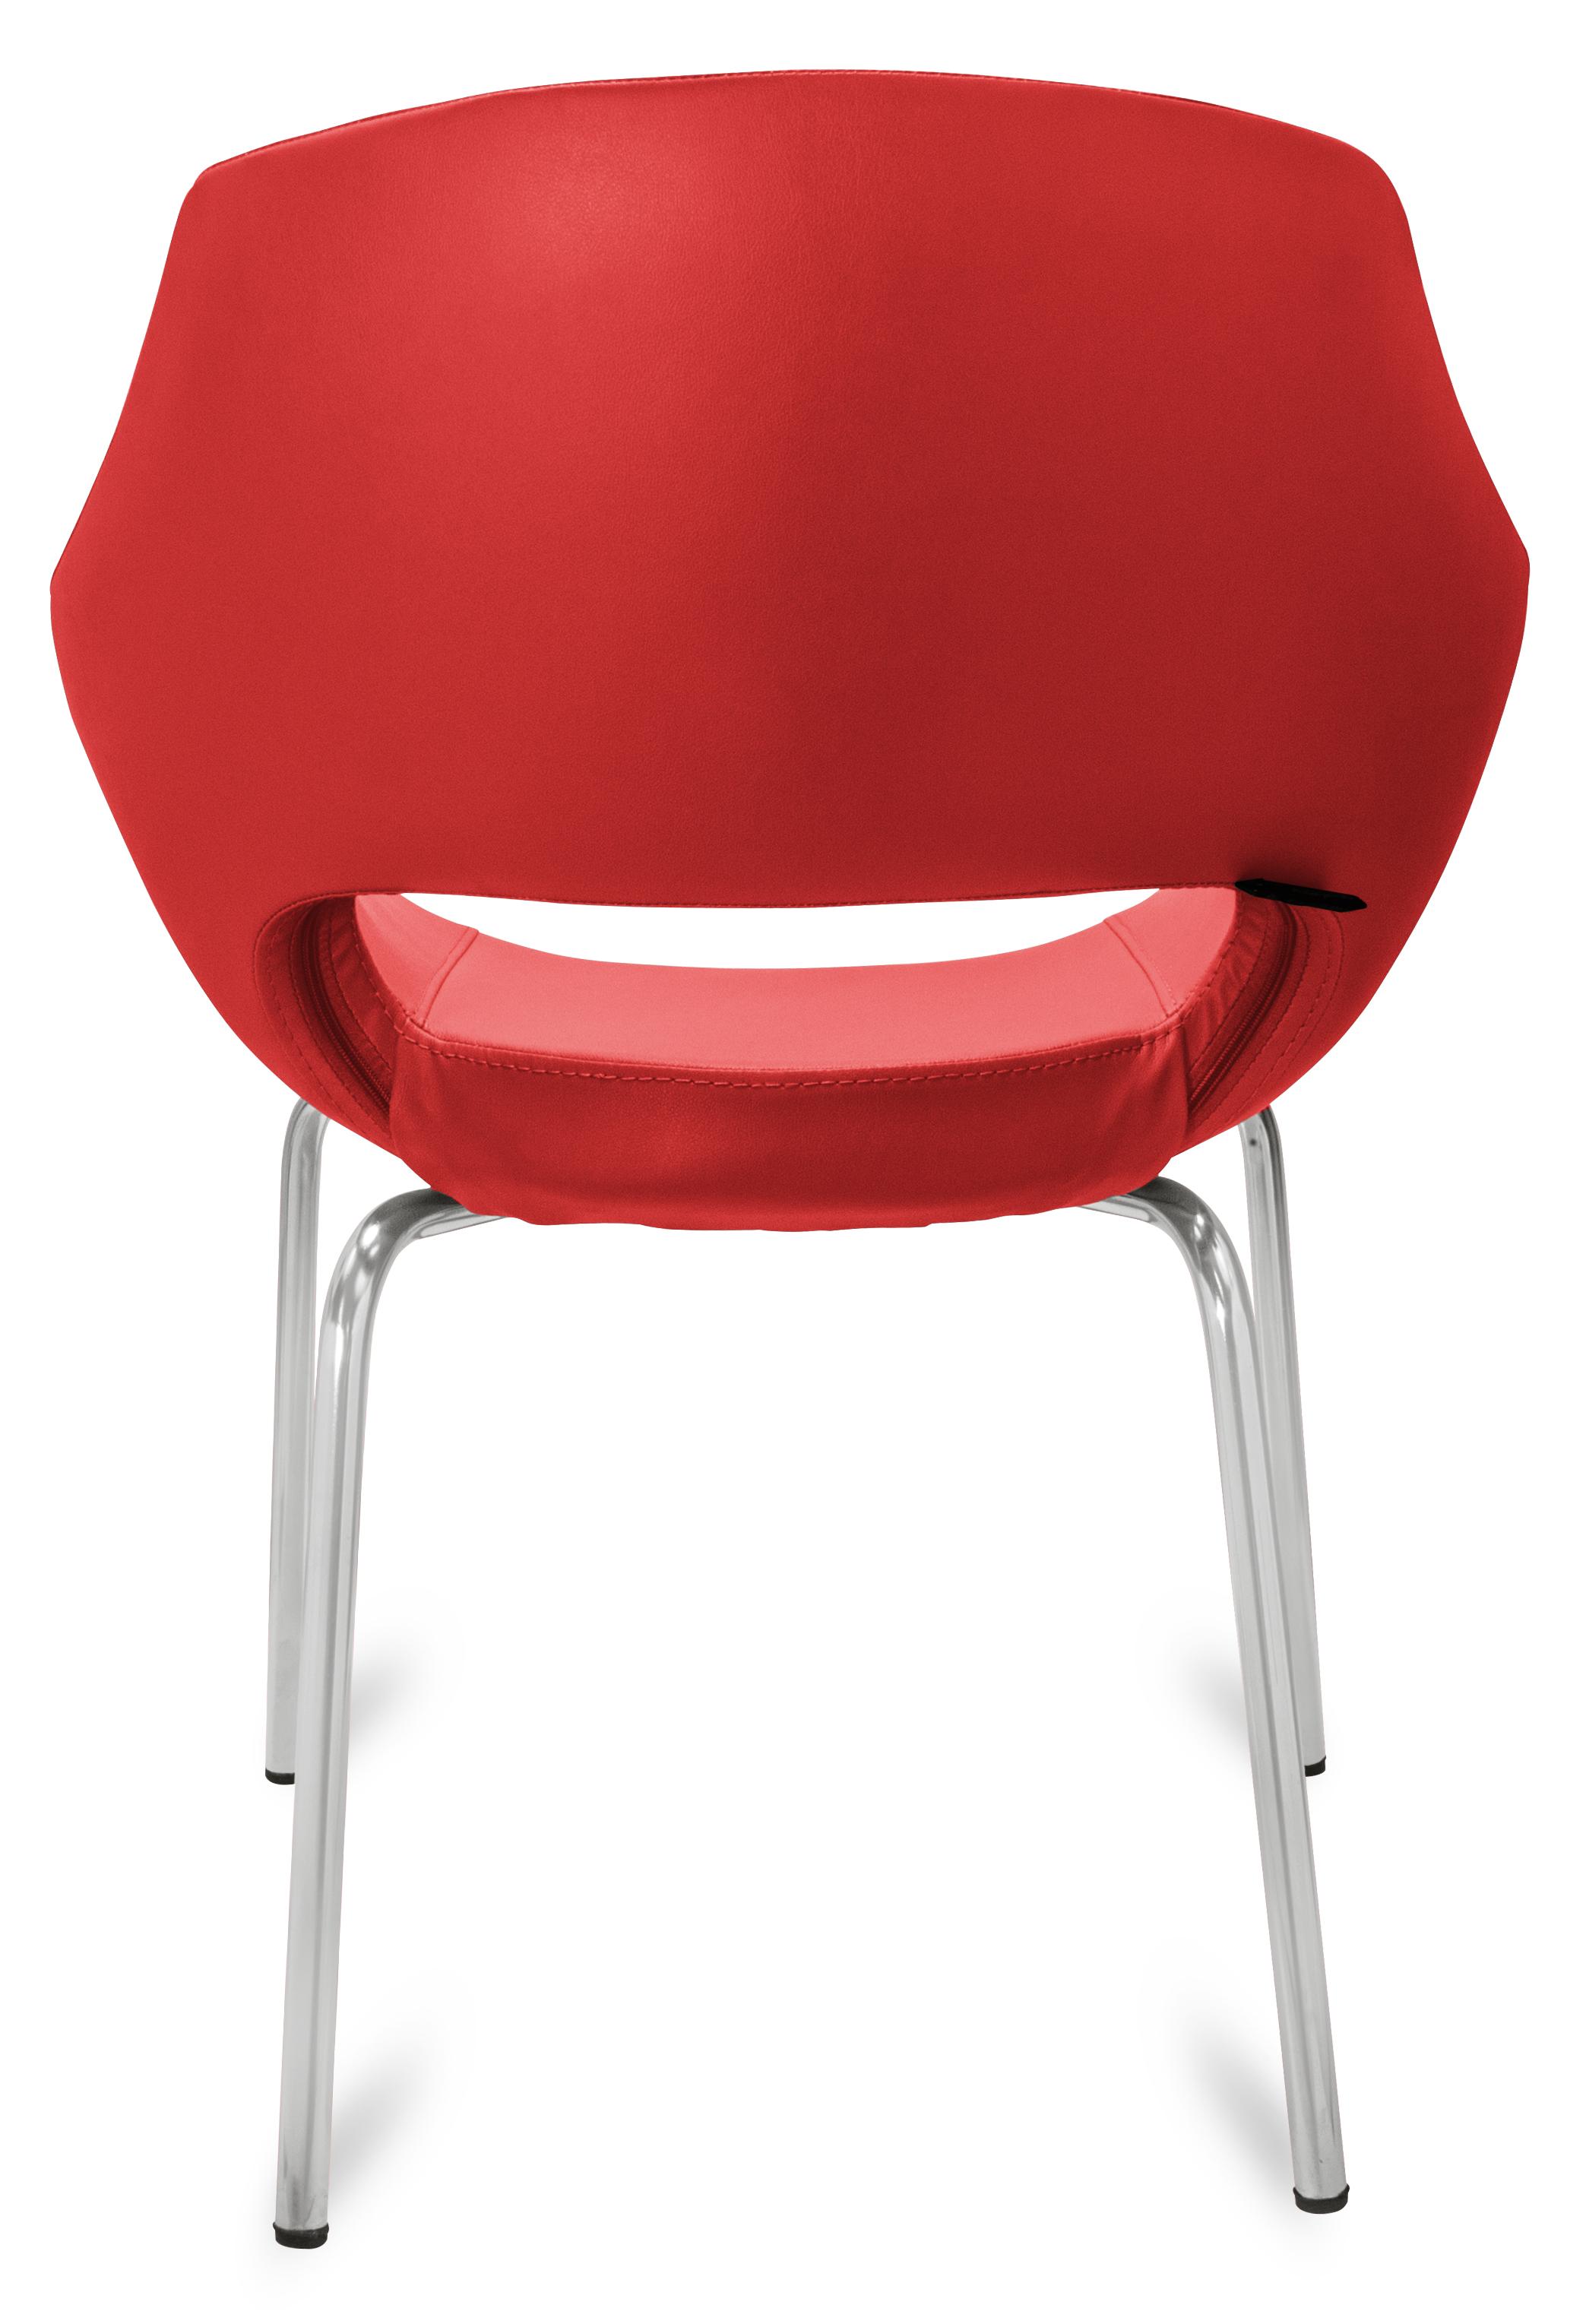 gastro stuhl lea rot g nstig kaufen m bel star. Black Bedroom Furniture Sets. Home Design Ideas